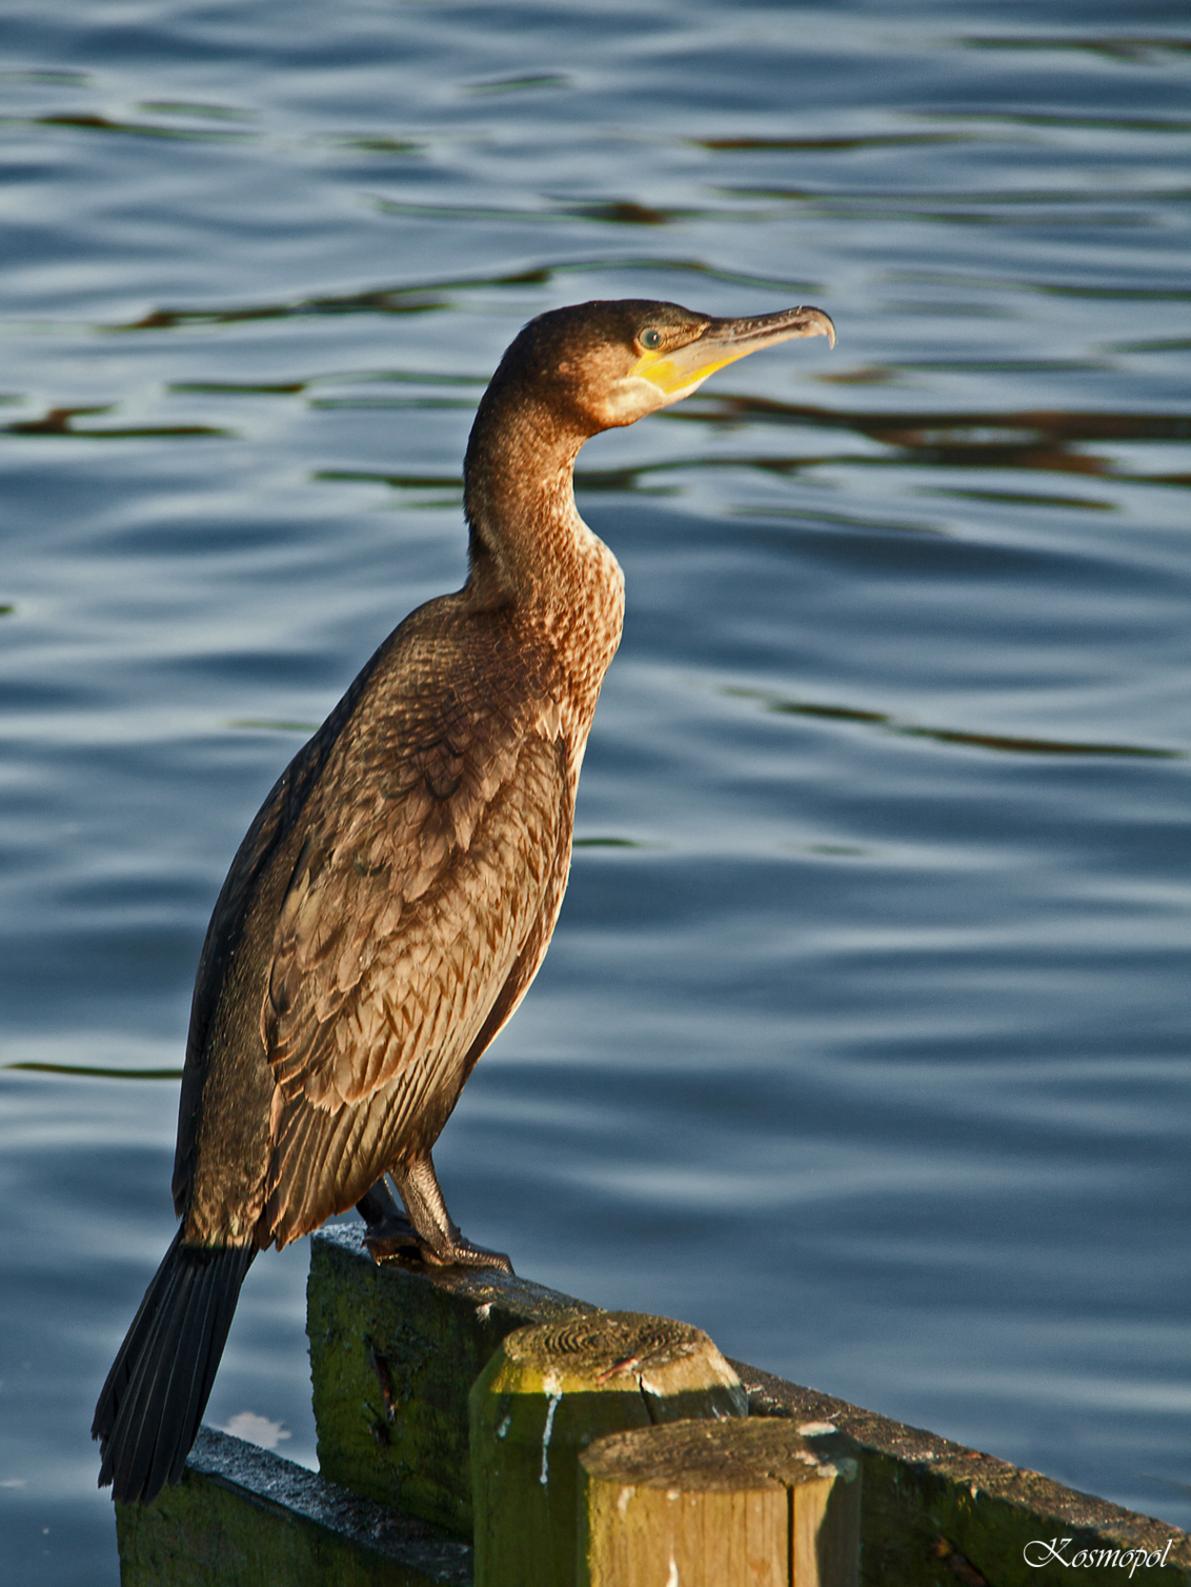 Aalscholver - Aalscholver… nog zo'n vogel waar ik al zo lang vruchteloos achter aan het jagen was… ze zijn zo schuw en achterdochtig, als je iets te dicht komt zij - foto door kosmopol op 30-11-2011 - deze foto bevat: water, aalscholver, vogel, kosmopol